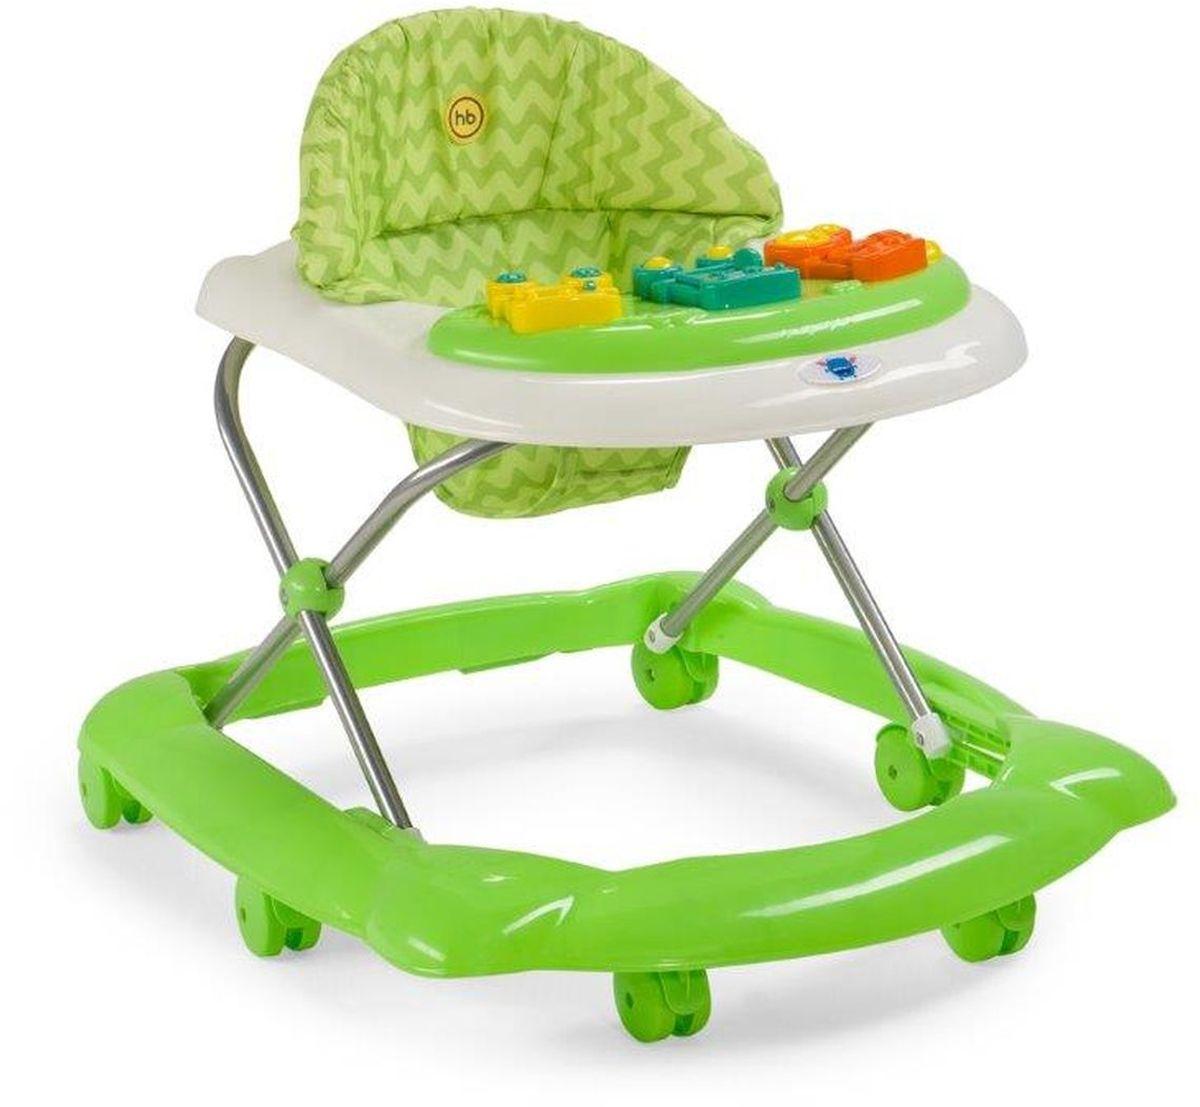 Happy baby Ходунки Pioneer цвет зеленый4650069783084Ходунки PIONEER помогут малышу стать настоящим первопроходцем, научат ребенка держать равновесие при ходьбе и подарят массу незабываемых эмоций от первых шагов и ярких, интересных игрушек. Сочетание ярких и оригинальных цветов привлекут к себе внимание ребенка. Игровая панель с развивающими игрушками поможет крохе освоить хватательный рефлекс, развить мелкую моторику, зрение и слух. Защиту малышу обеспечит широкая рама, а 6 пластиковых колесиков не повредят пол. Ходунки регулируются по высоте в 3 положениях. Мягкий чехол легко снять и постирать. Для работы игровой панели требуется 2 батареек типа АА. ХАРАКТЕРИСТИКИ Габариты в сложенном виде ДхШхВ: 67х58х30 см. Габариты в разложенном виде ДхШхВ: 67х58х57 см. Развивают координацию движений. Учат ребенка держать равновесие. Регулируются по высоте, 3 положения. Пластиковые колеса, 6 шт. Стопоры-ограничители движения ходунка, 2 шт. Игровая панель со звуковыми и световыми...